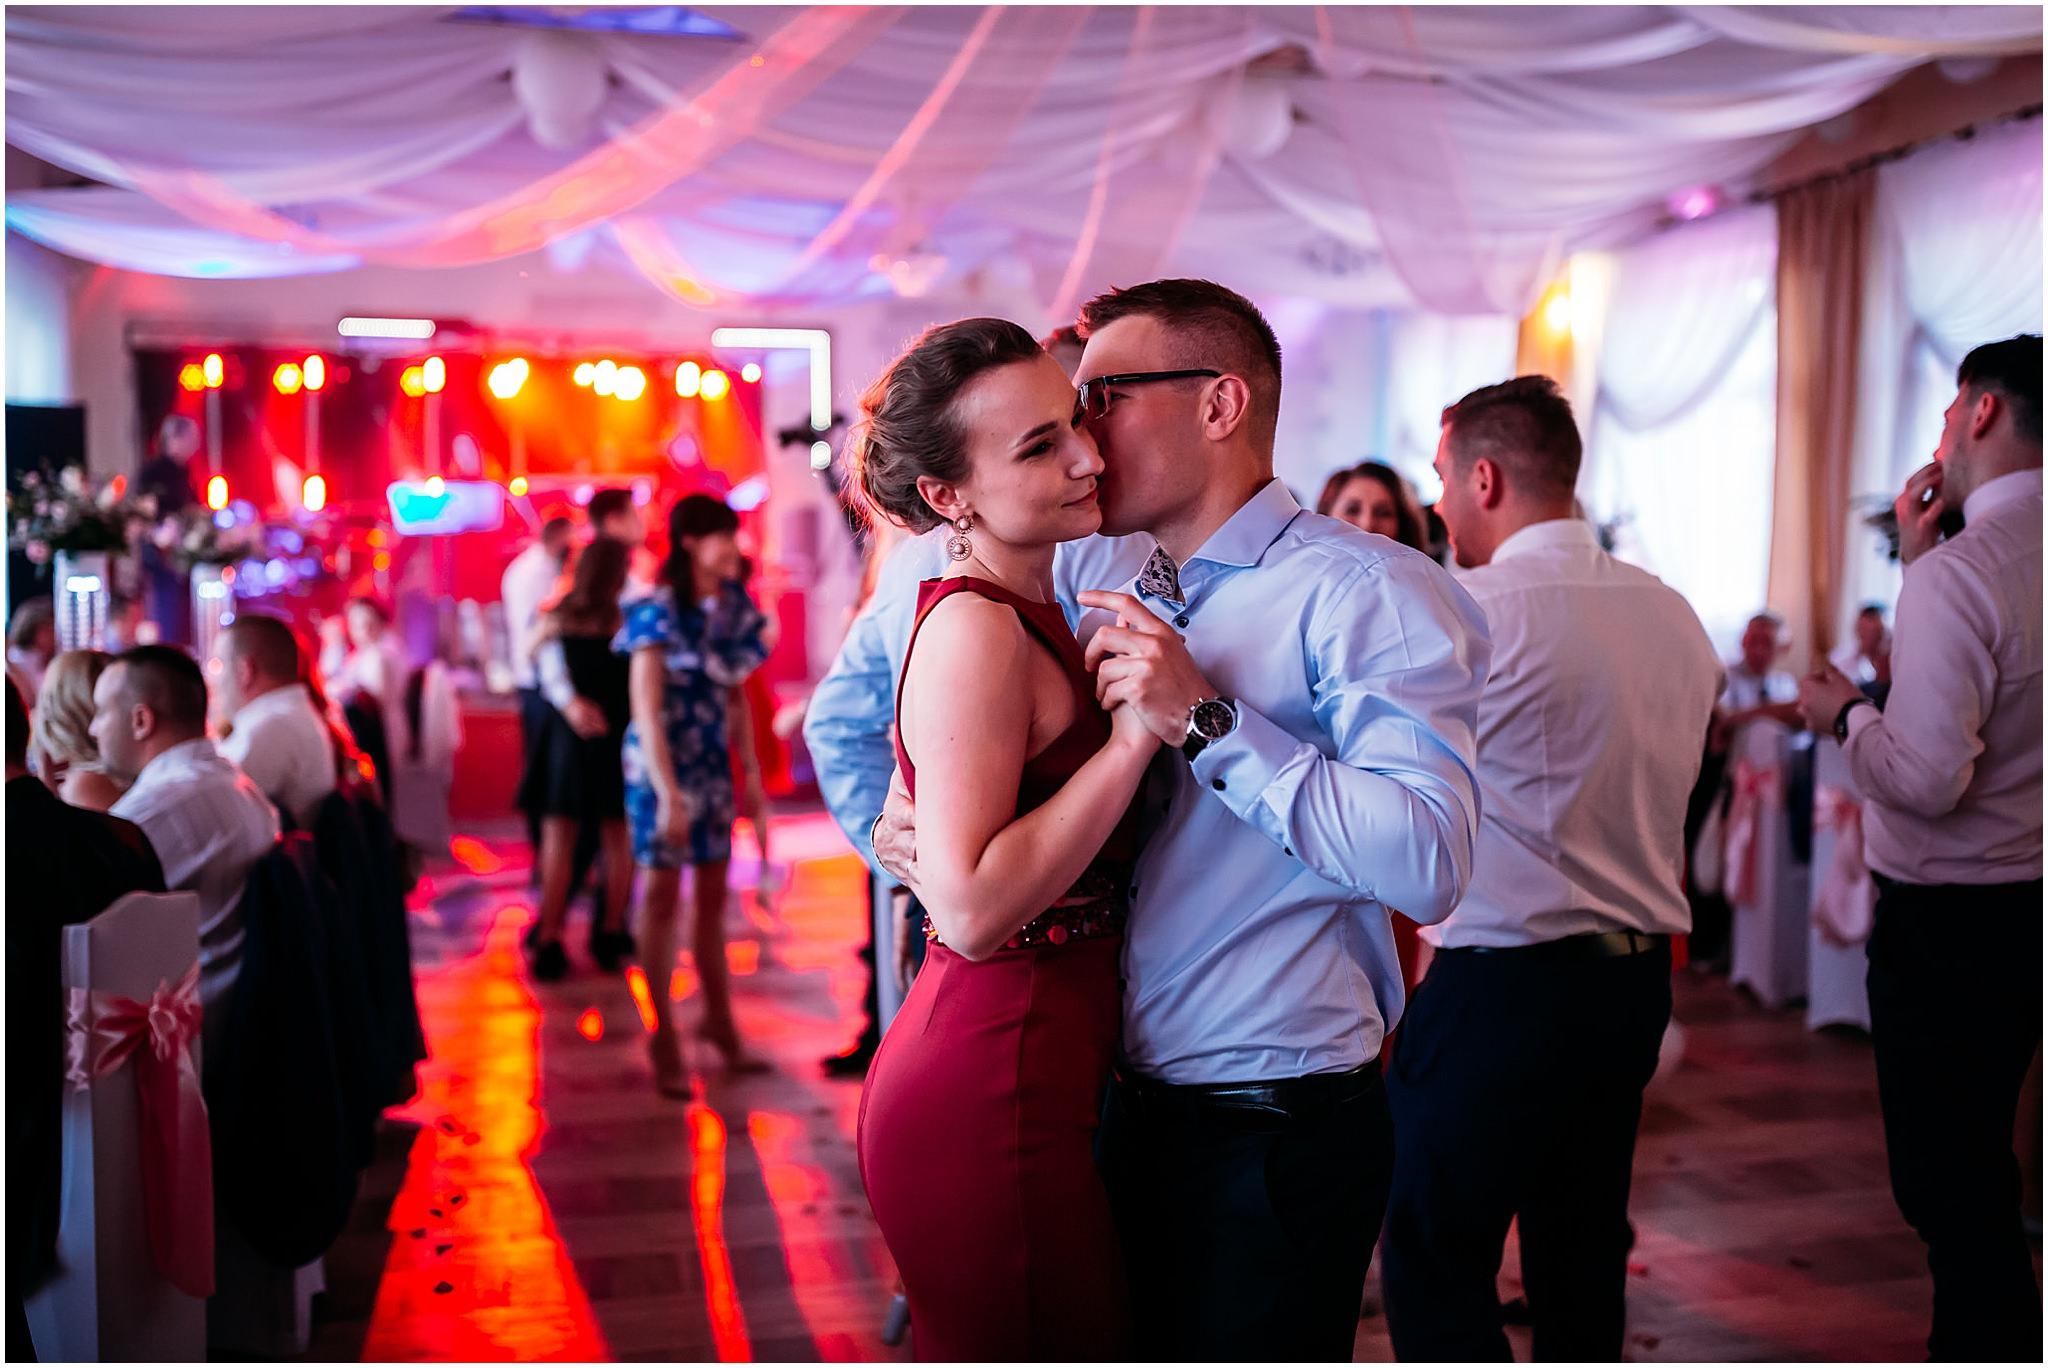 2018,Andrzejewski Pawel,Fotografia slubna,Sarbia,Wedding photography,Wągrowiec,www.andrzejewskipawel.com,